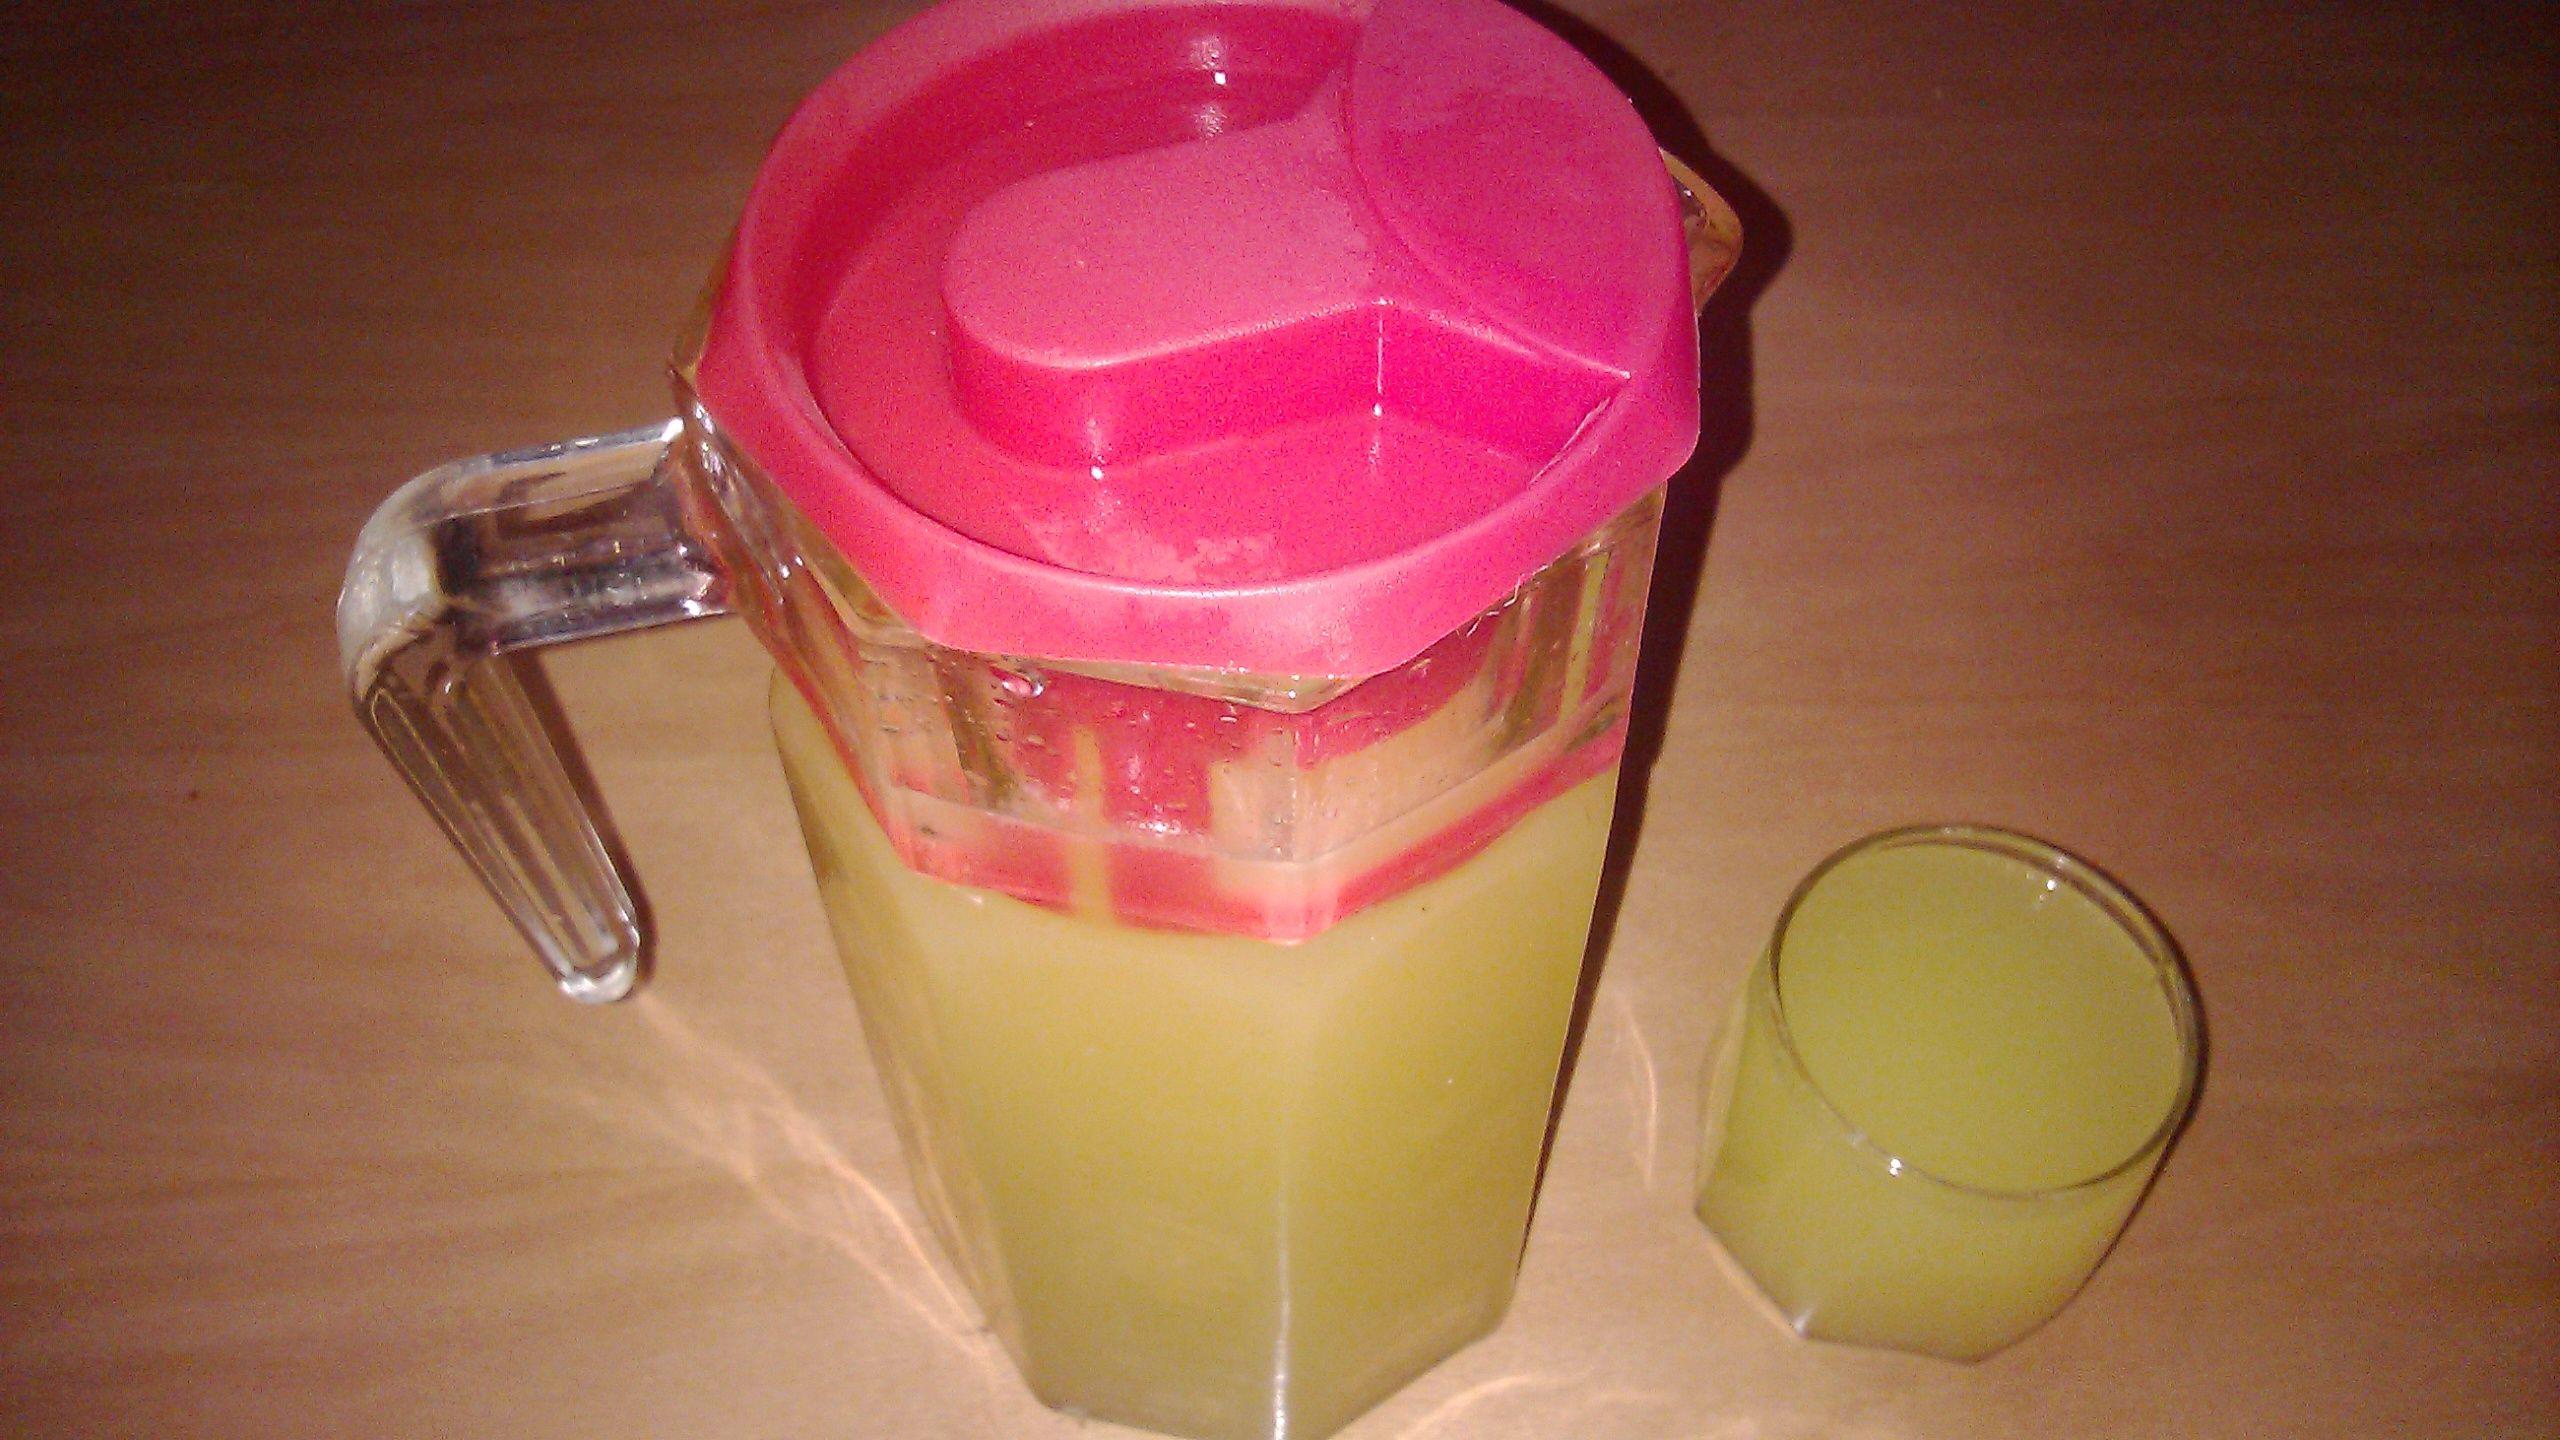 How To Prepare Turkish Lemonade كيفية تحضير الليمونادة التركي عصير البرتقال و الليمون Desserts Food Pudding